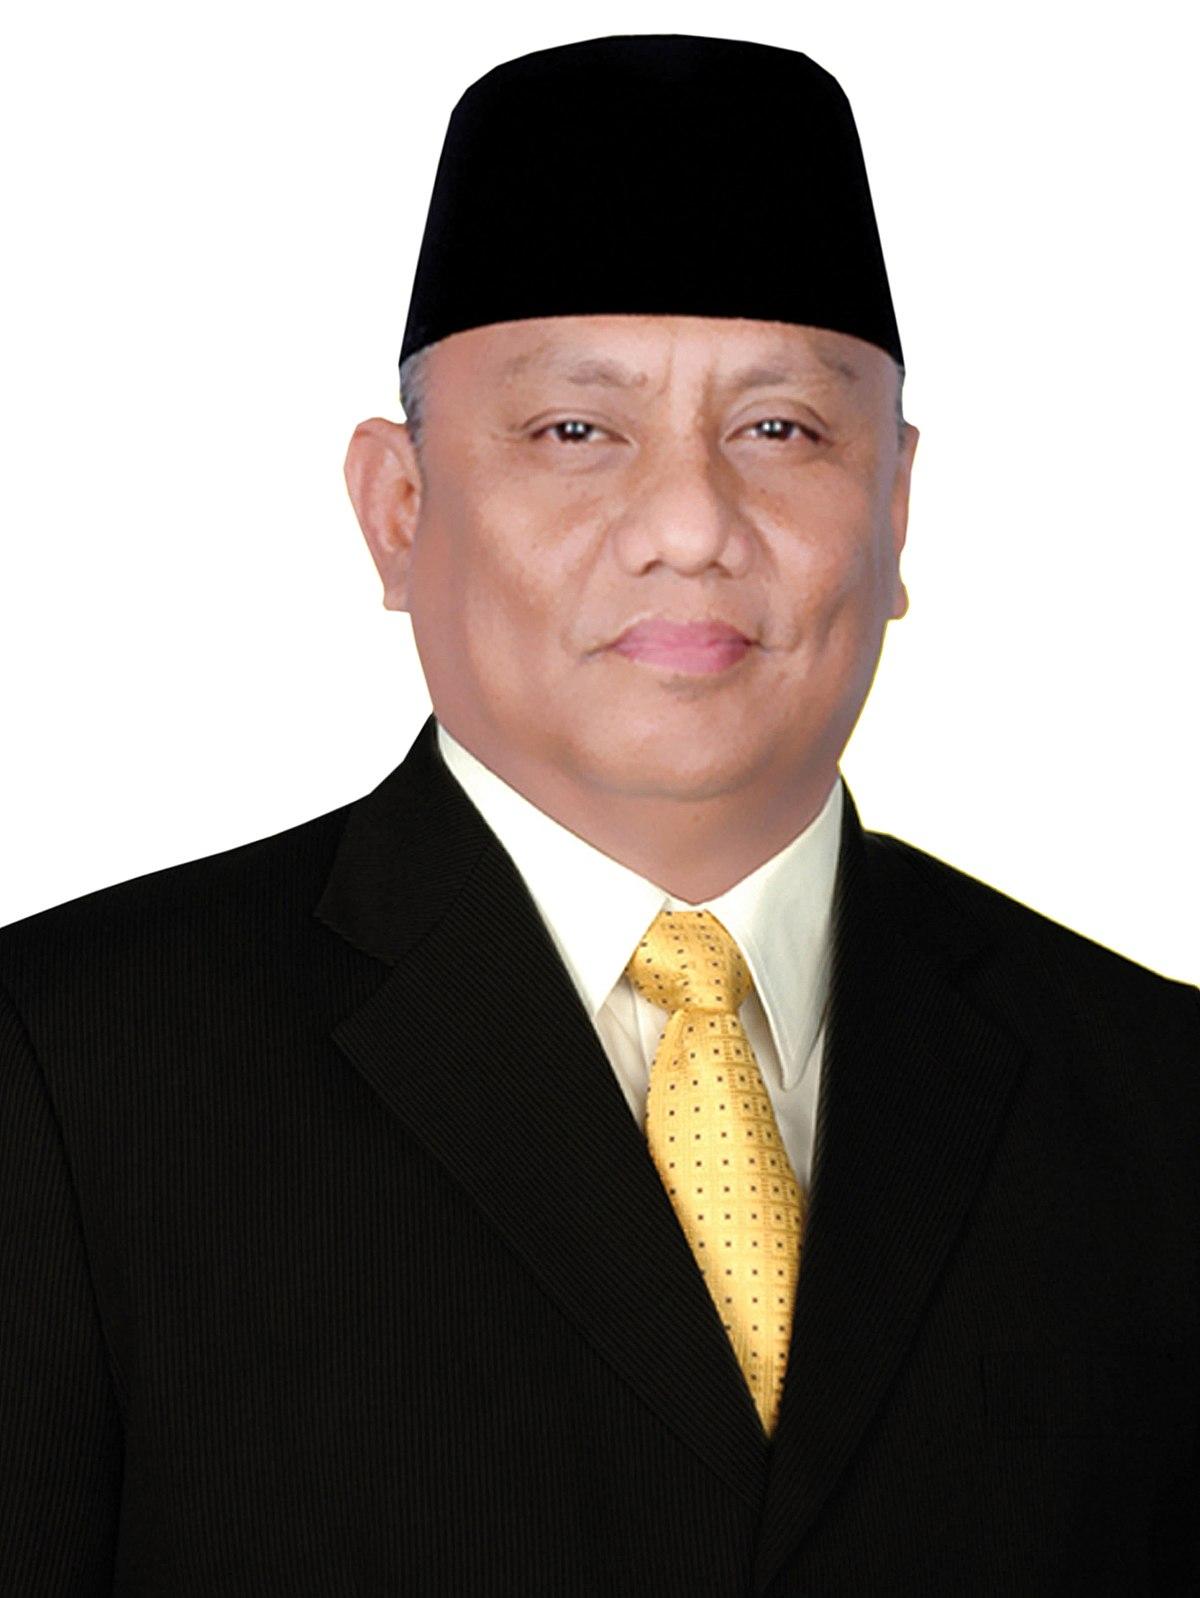 Pemilihan umum Gubernur Gorontalo 2017 - Wikipedia bahasa